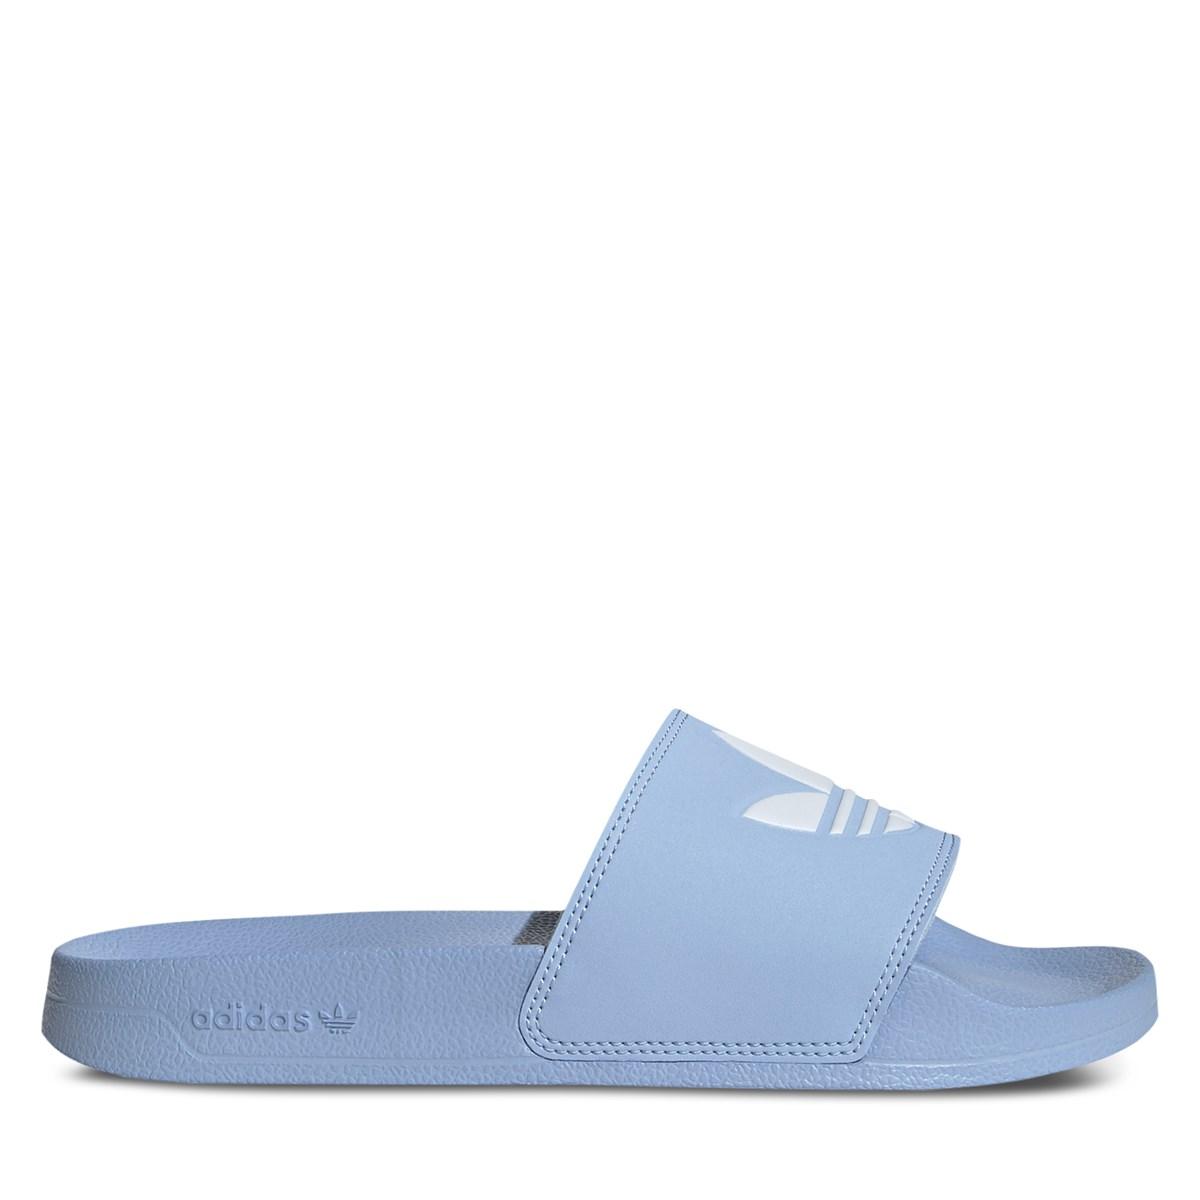 Sandales Adilette bleues pour femmes